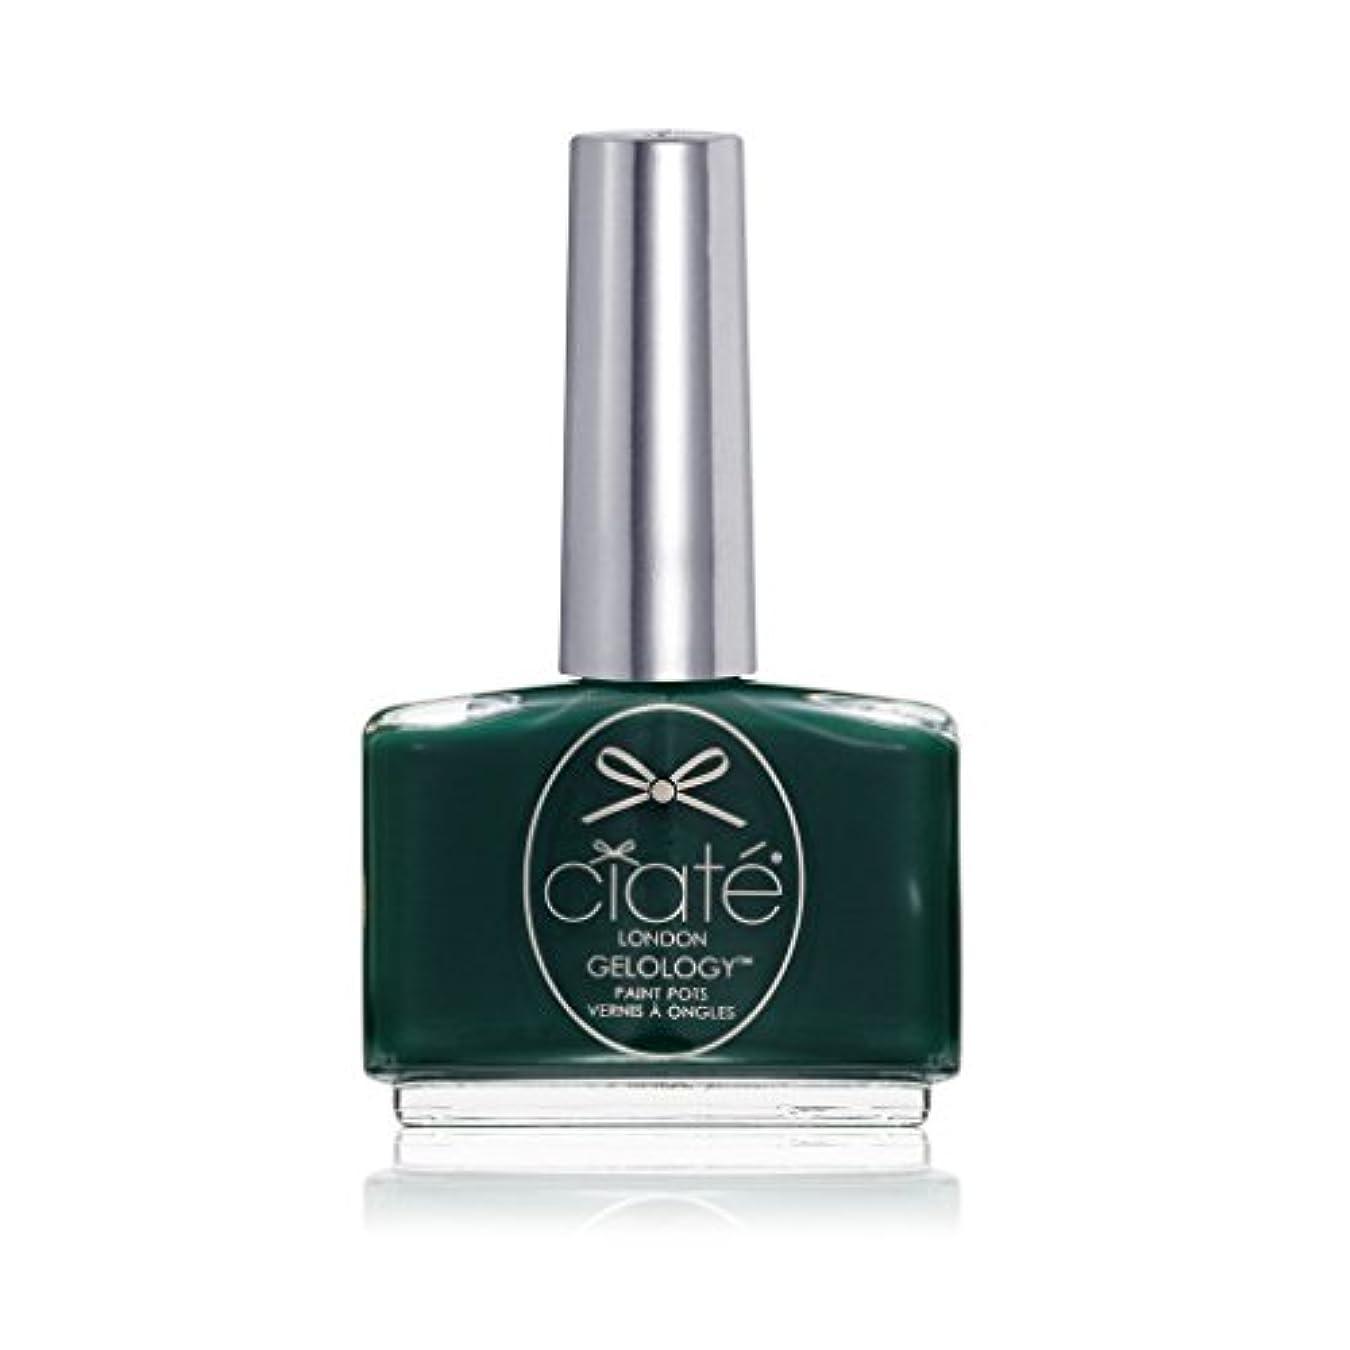 公然とお手伝いさん不条理[ciate] [シアテロンドン ] ジェルロジー レーシングクイーン(カラー:モスグリーン)-GELOLOGY-RACING QUEEN 色:モスグリーン ネイルカラー系統:グリーン 13.5mL